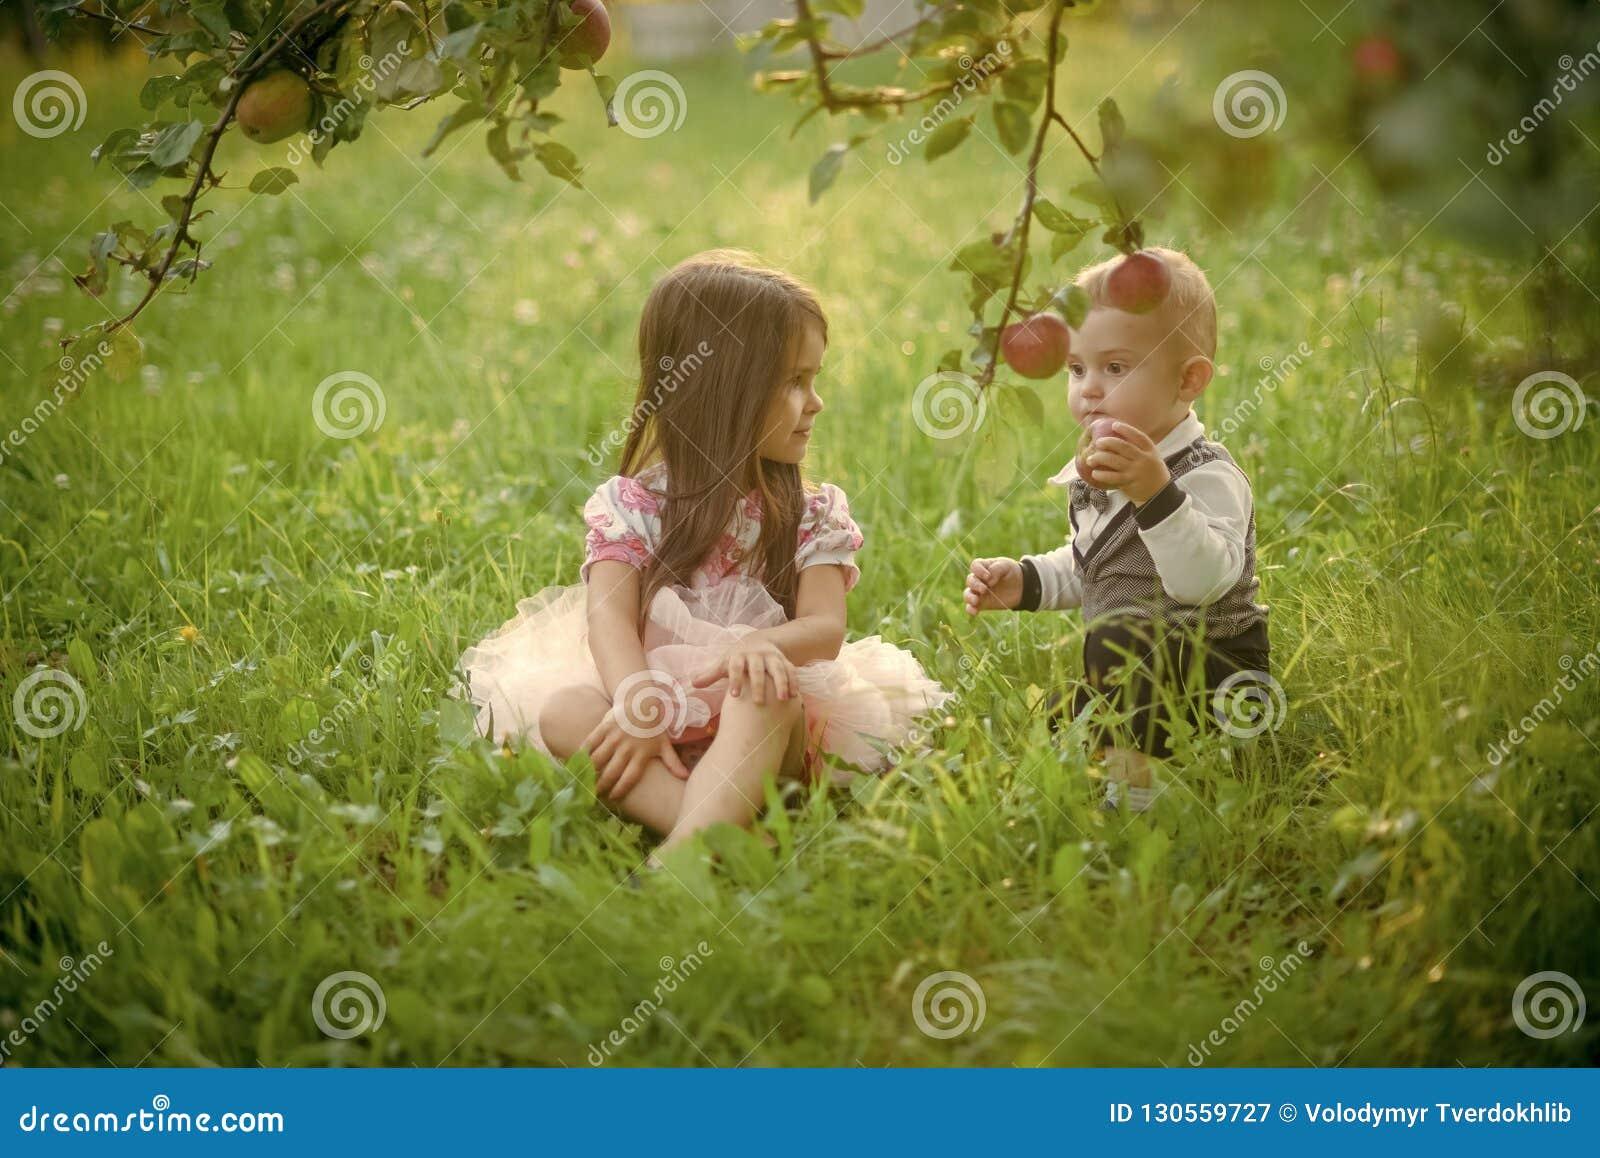 Children sit under apple tree in summer park